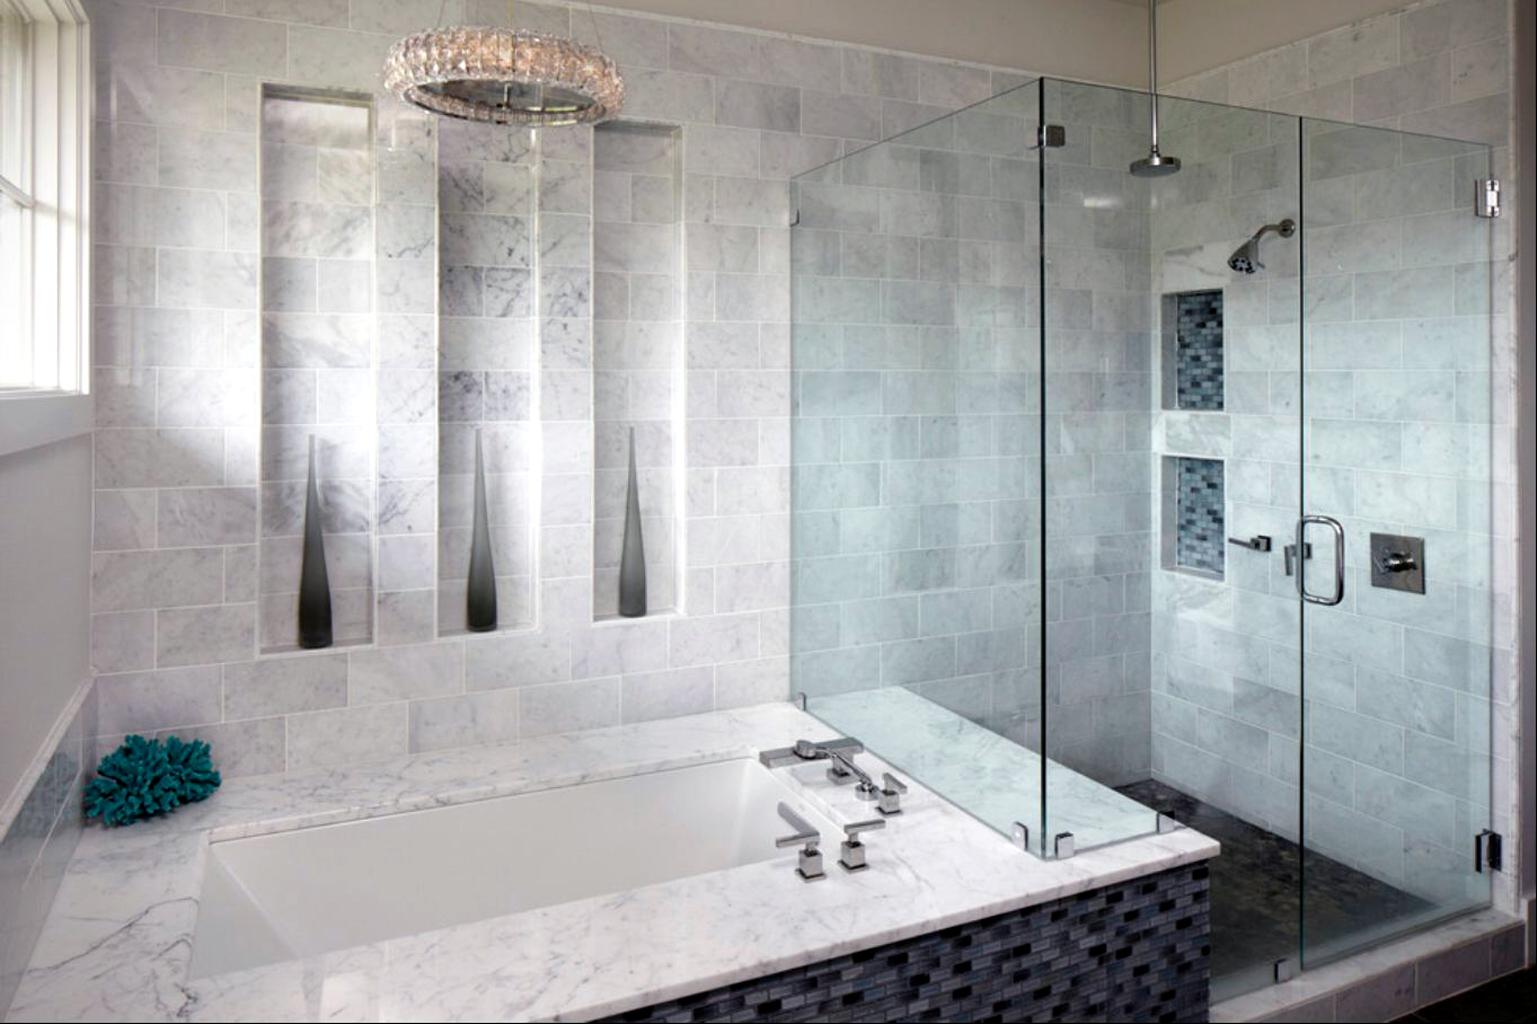 Ванная комната: фото, стиль, обустройство, дизайн, материалы